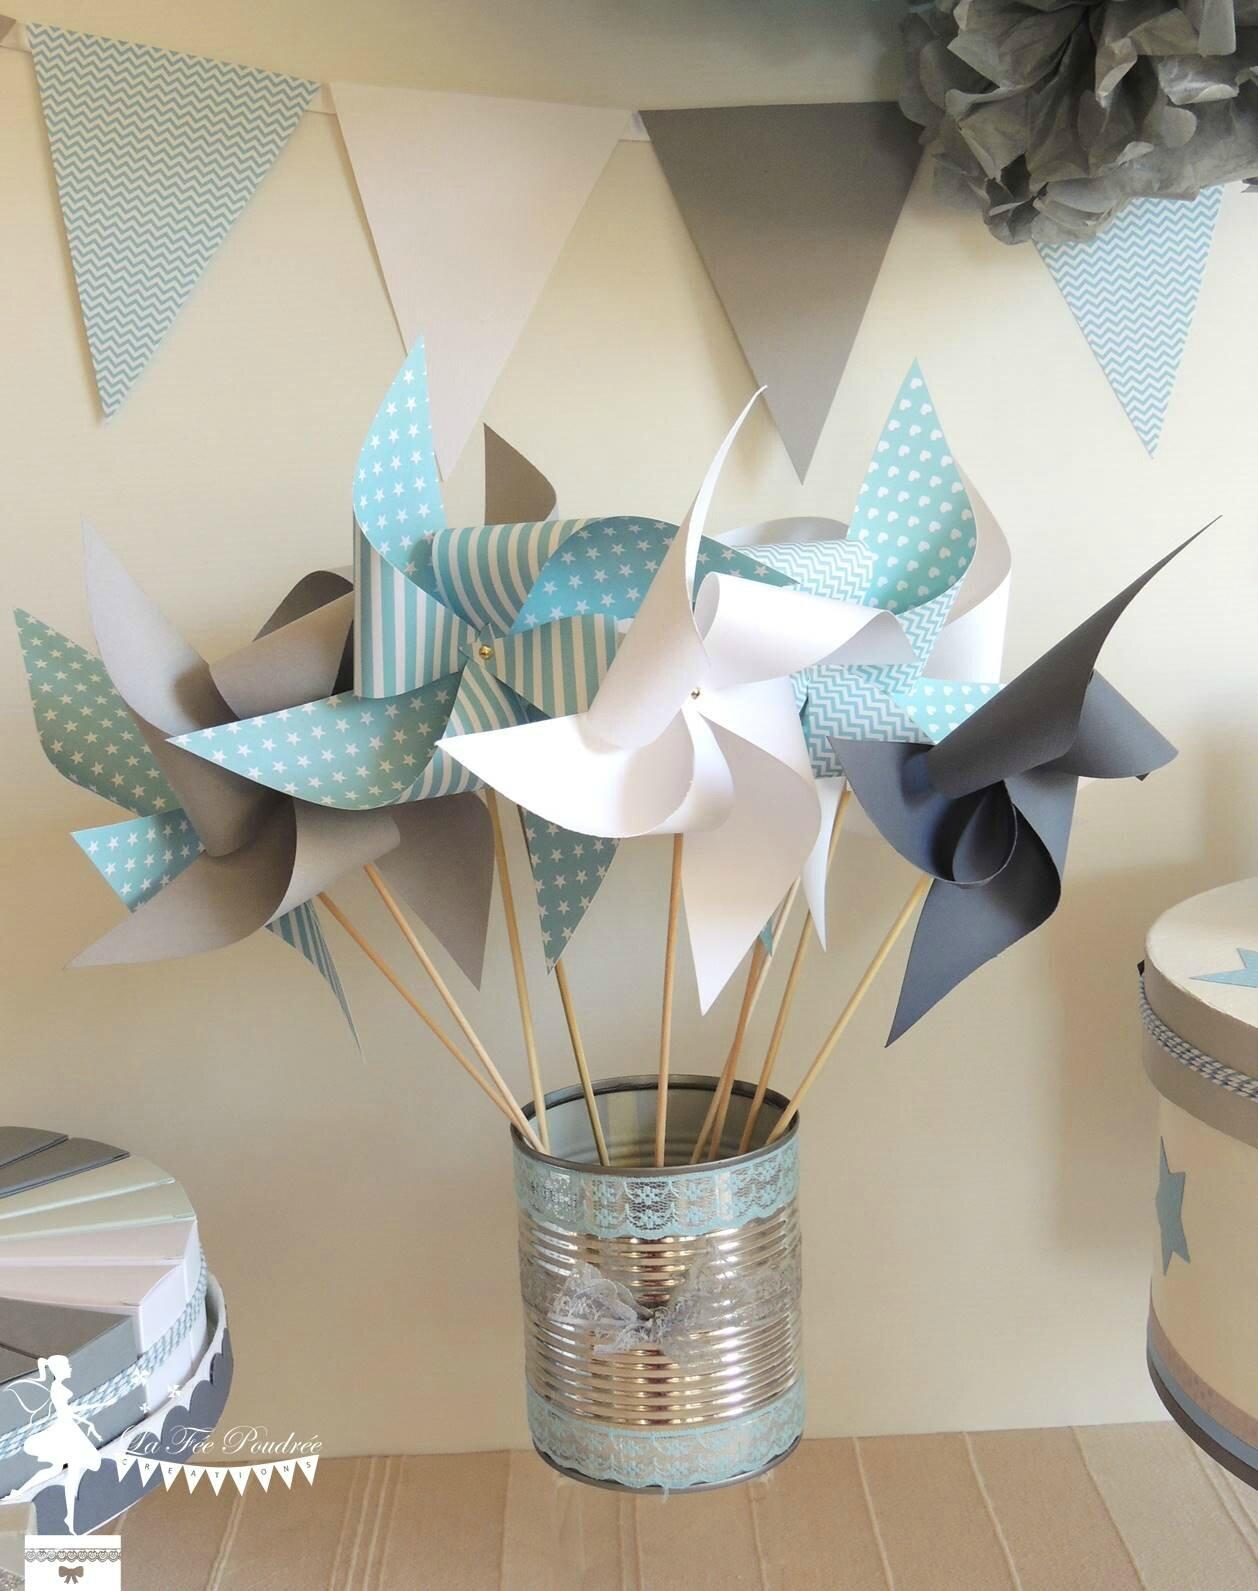 decoration mariage bapteme baby shower moulin a vent bleu gris blanc